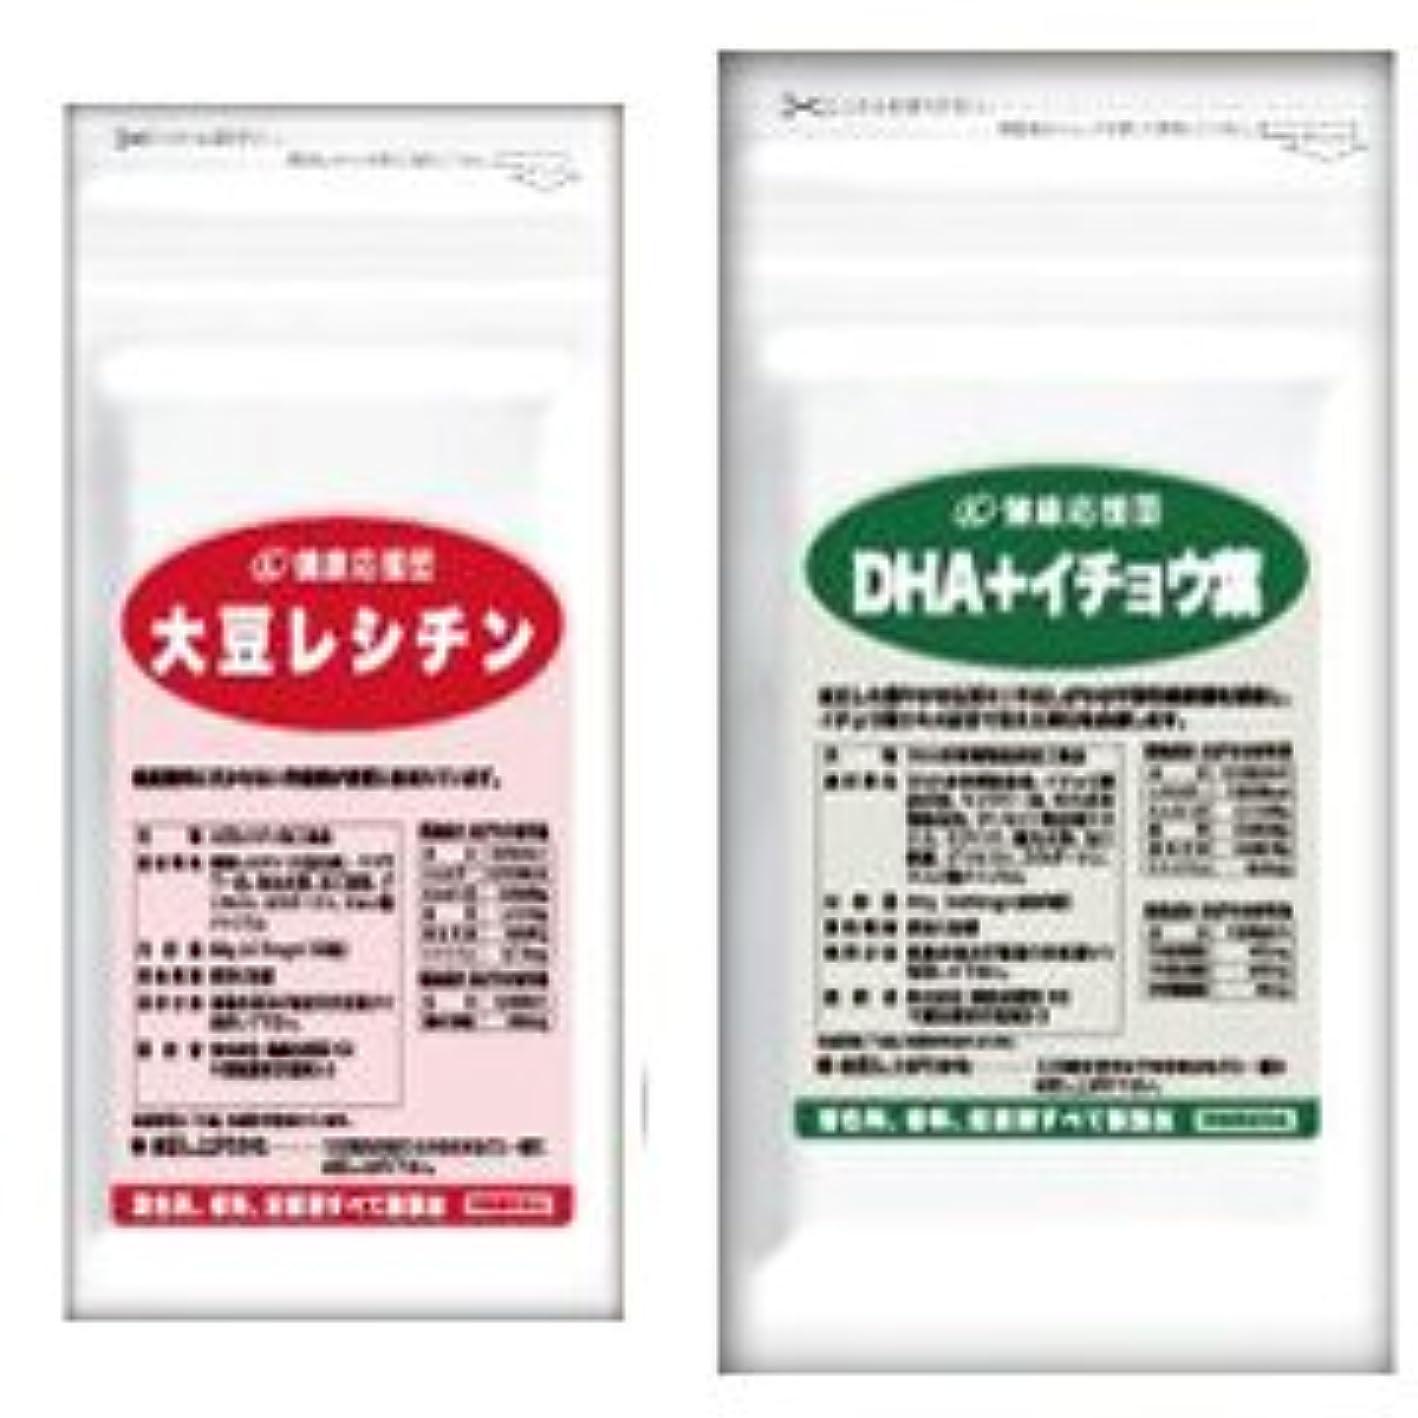 大臣倉庫バックグラウンド流れサラサラセット 大豆レシチン+(DHA+イチョウ葉) (DHA?EPA?イチョウ葉)